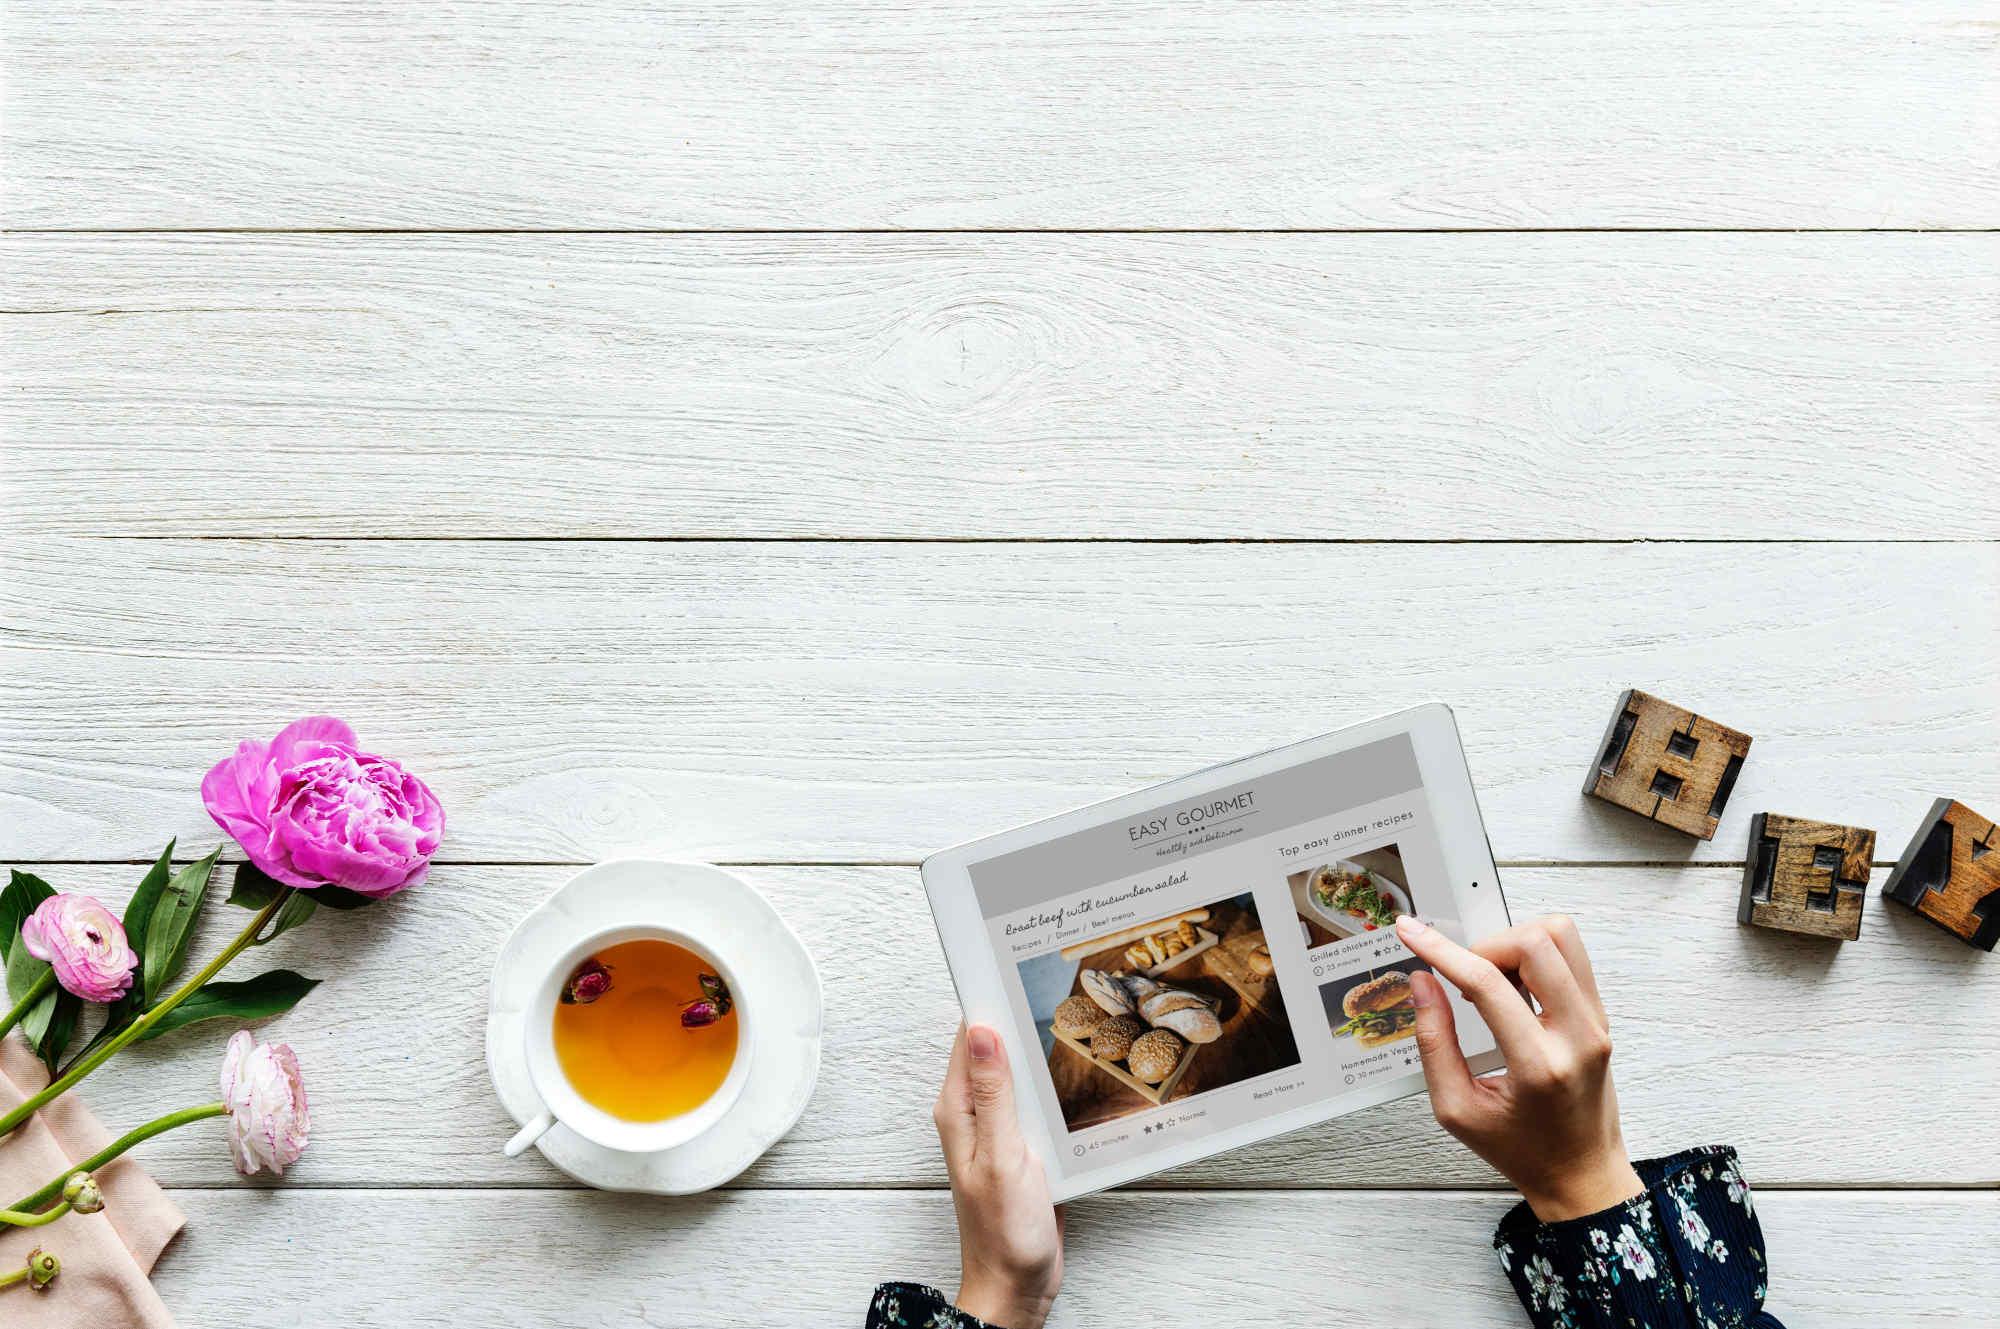 Comment la teneur en calories fait-elle repenser les choix alimentaires ?